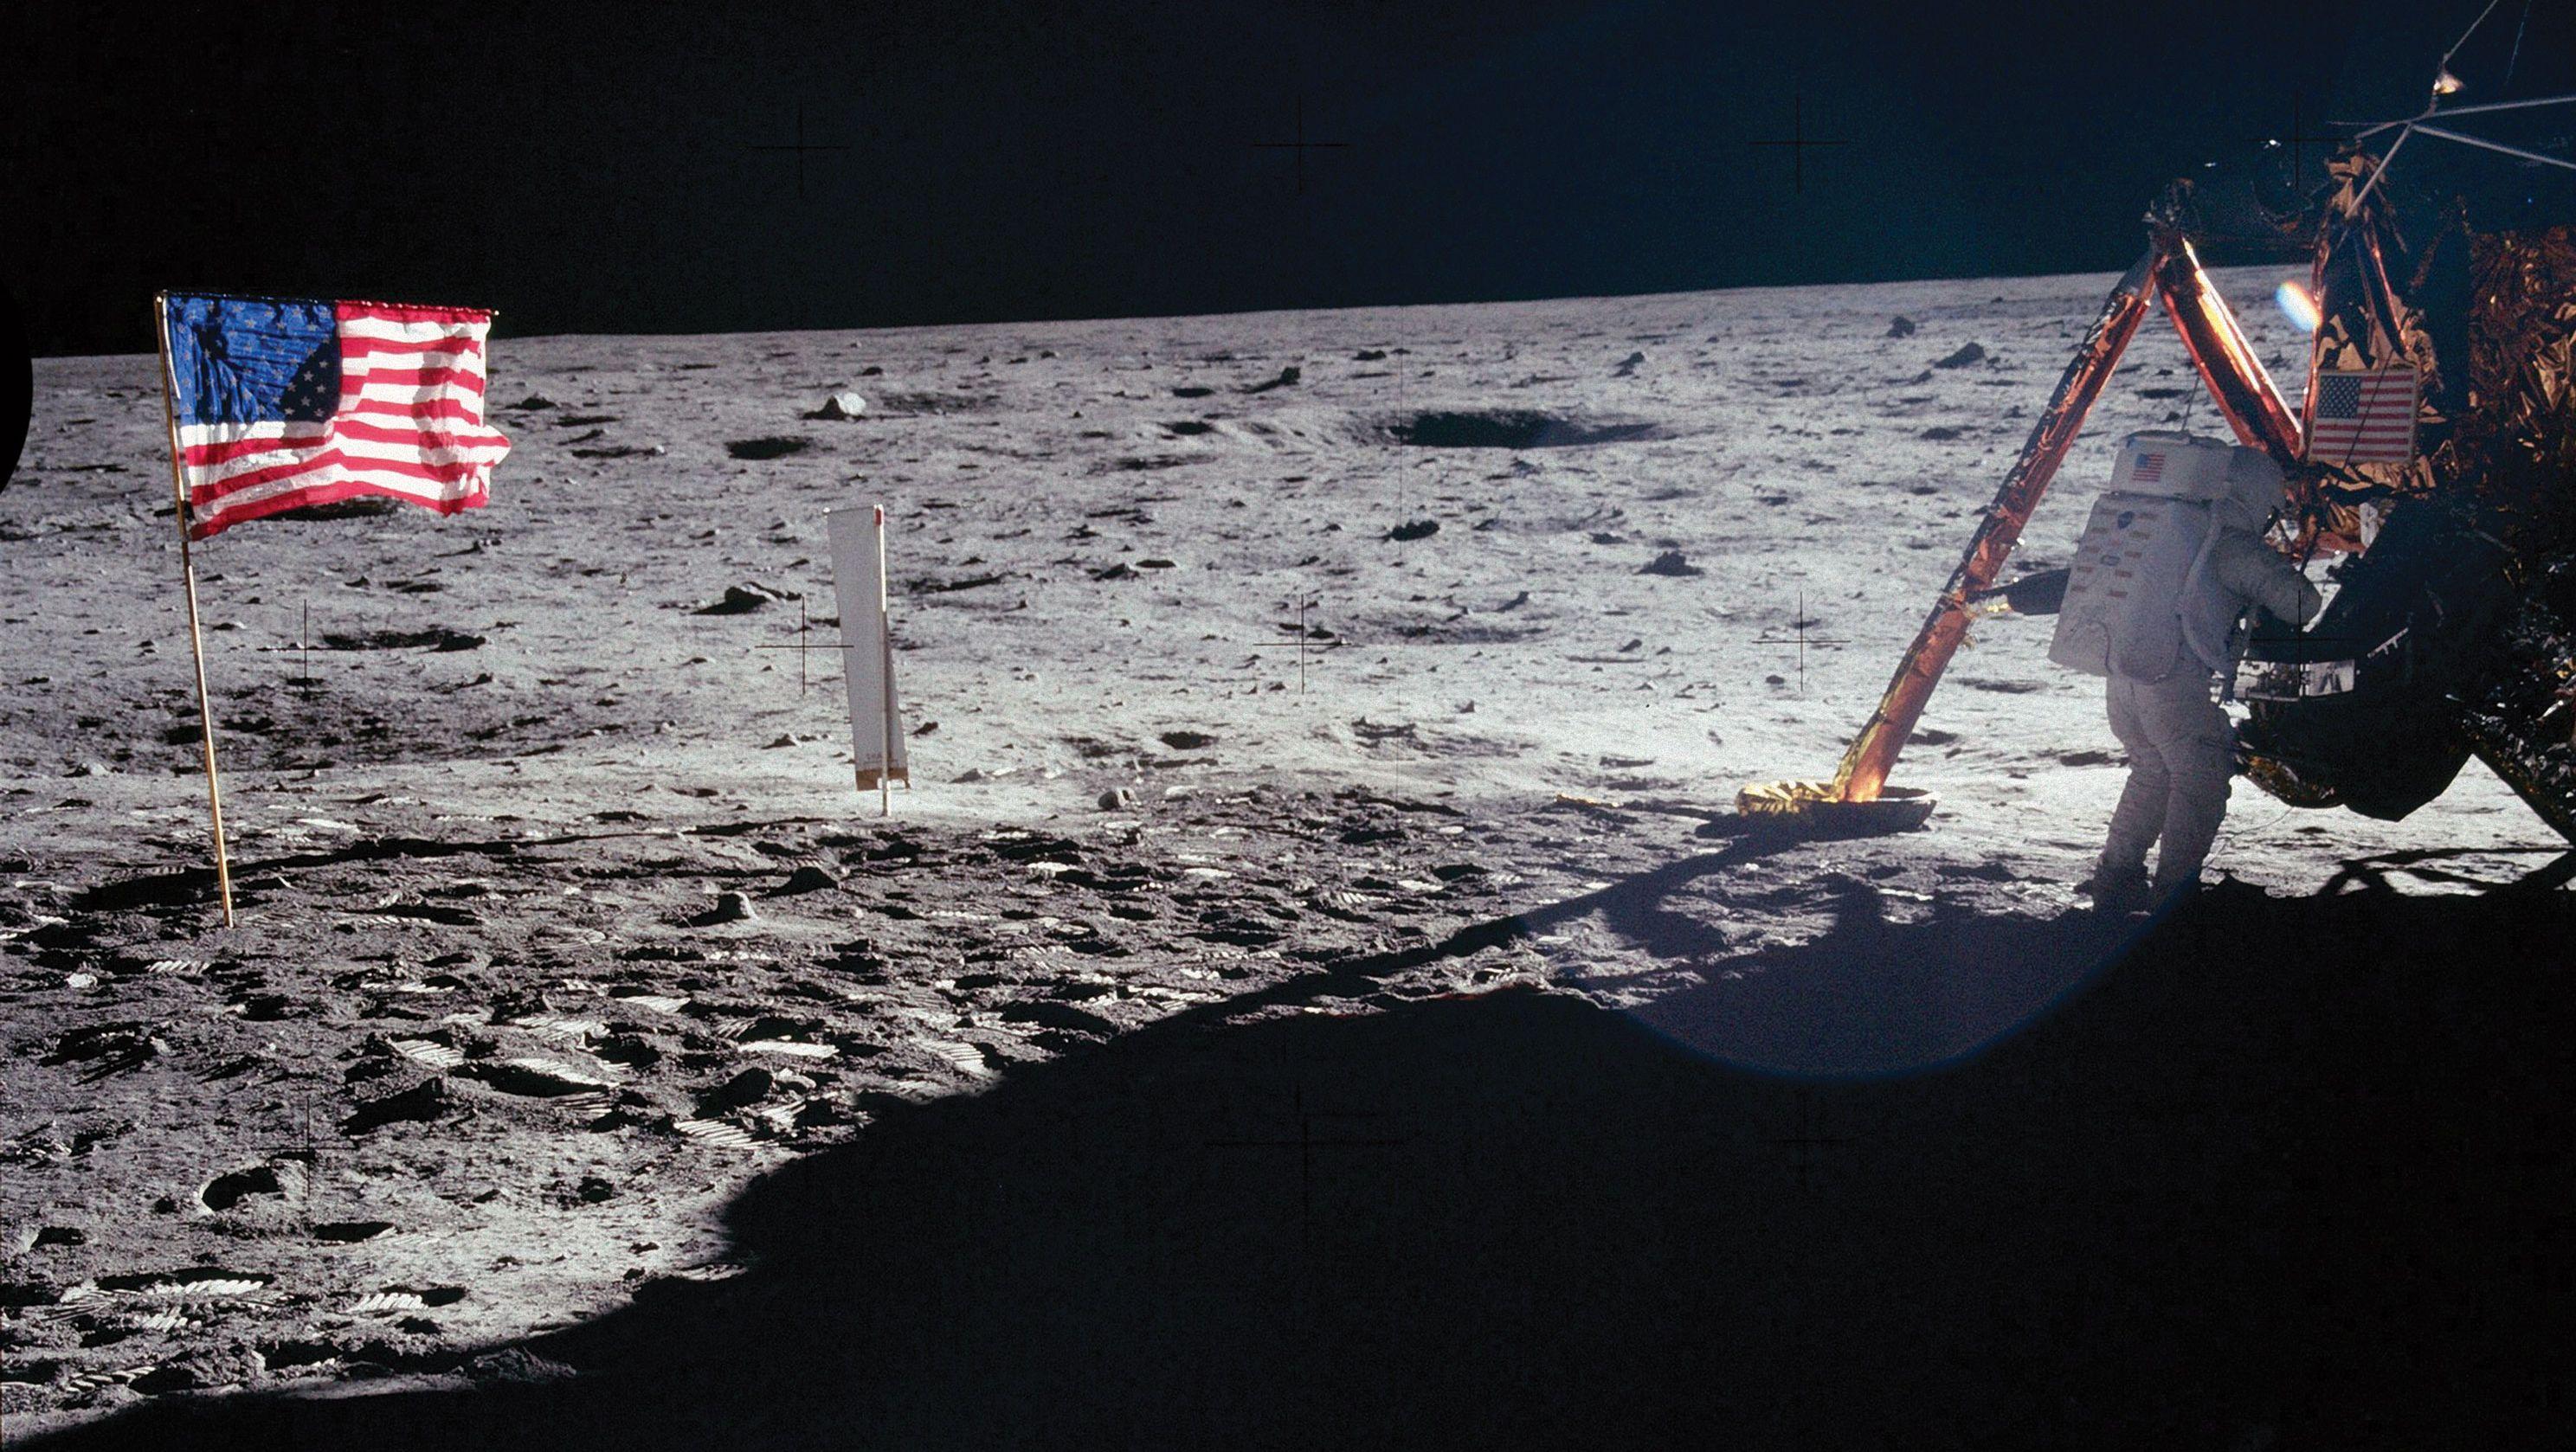 アポロ月面着陸から50年、 歴史的偉業は何を変えたか?